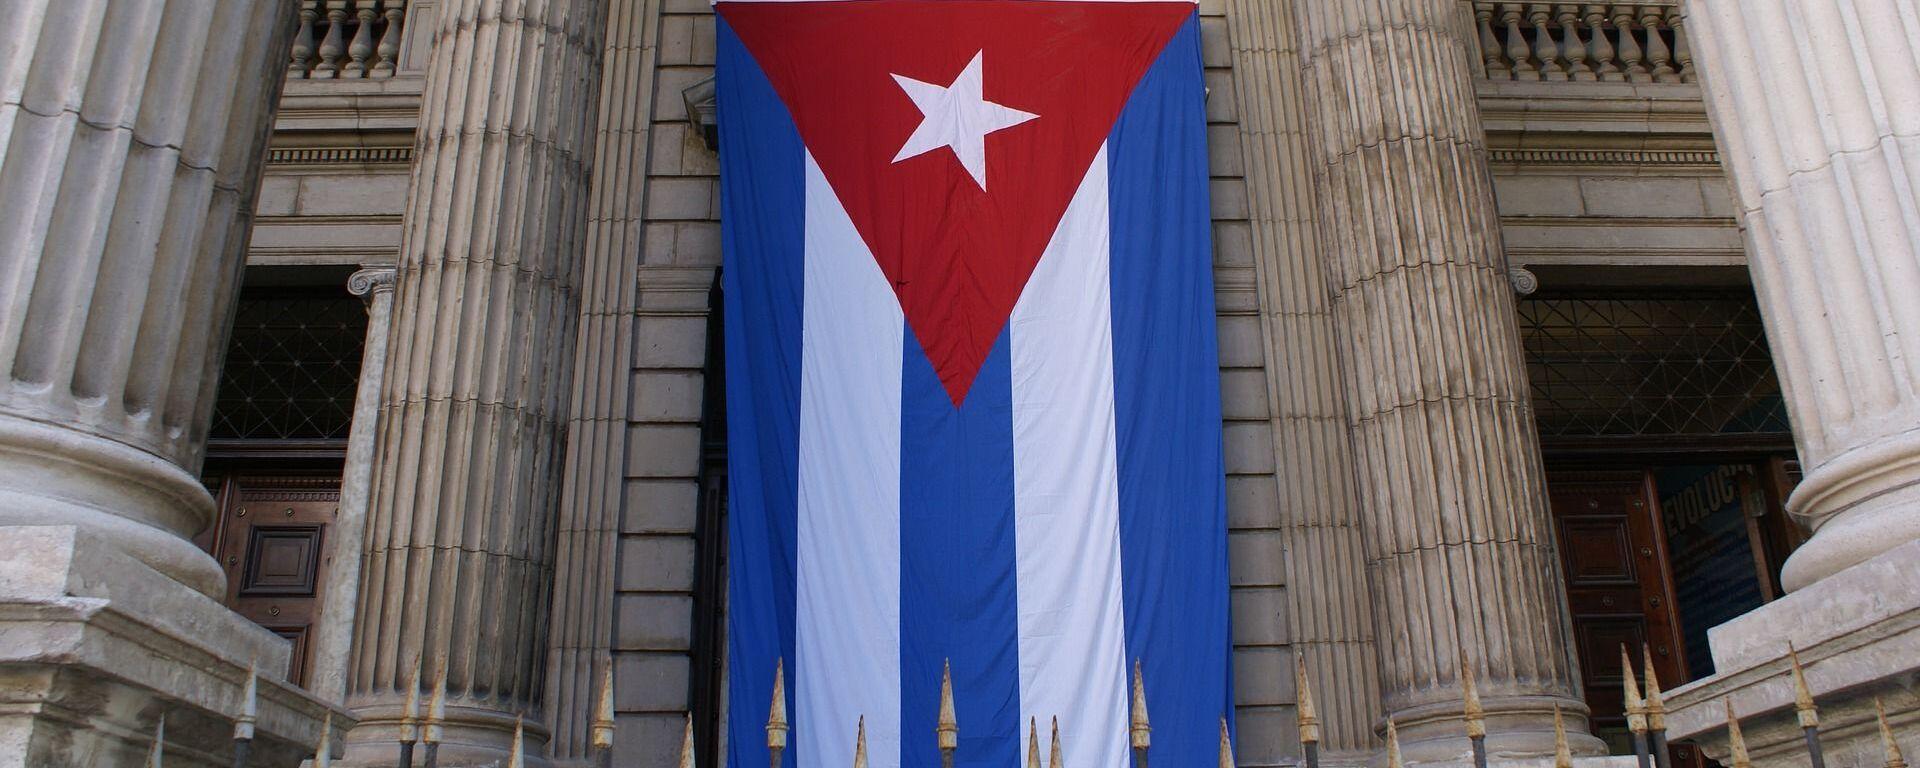 Bandera de Cuba en edificio del Ministerio de Finanzas y Precios - Sputnik Mundo, 1920, 28.04.2021